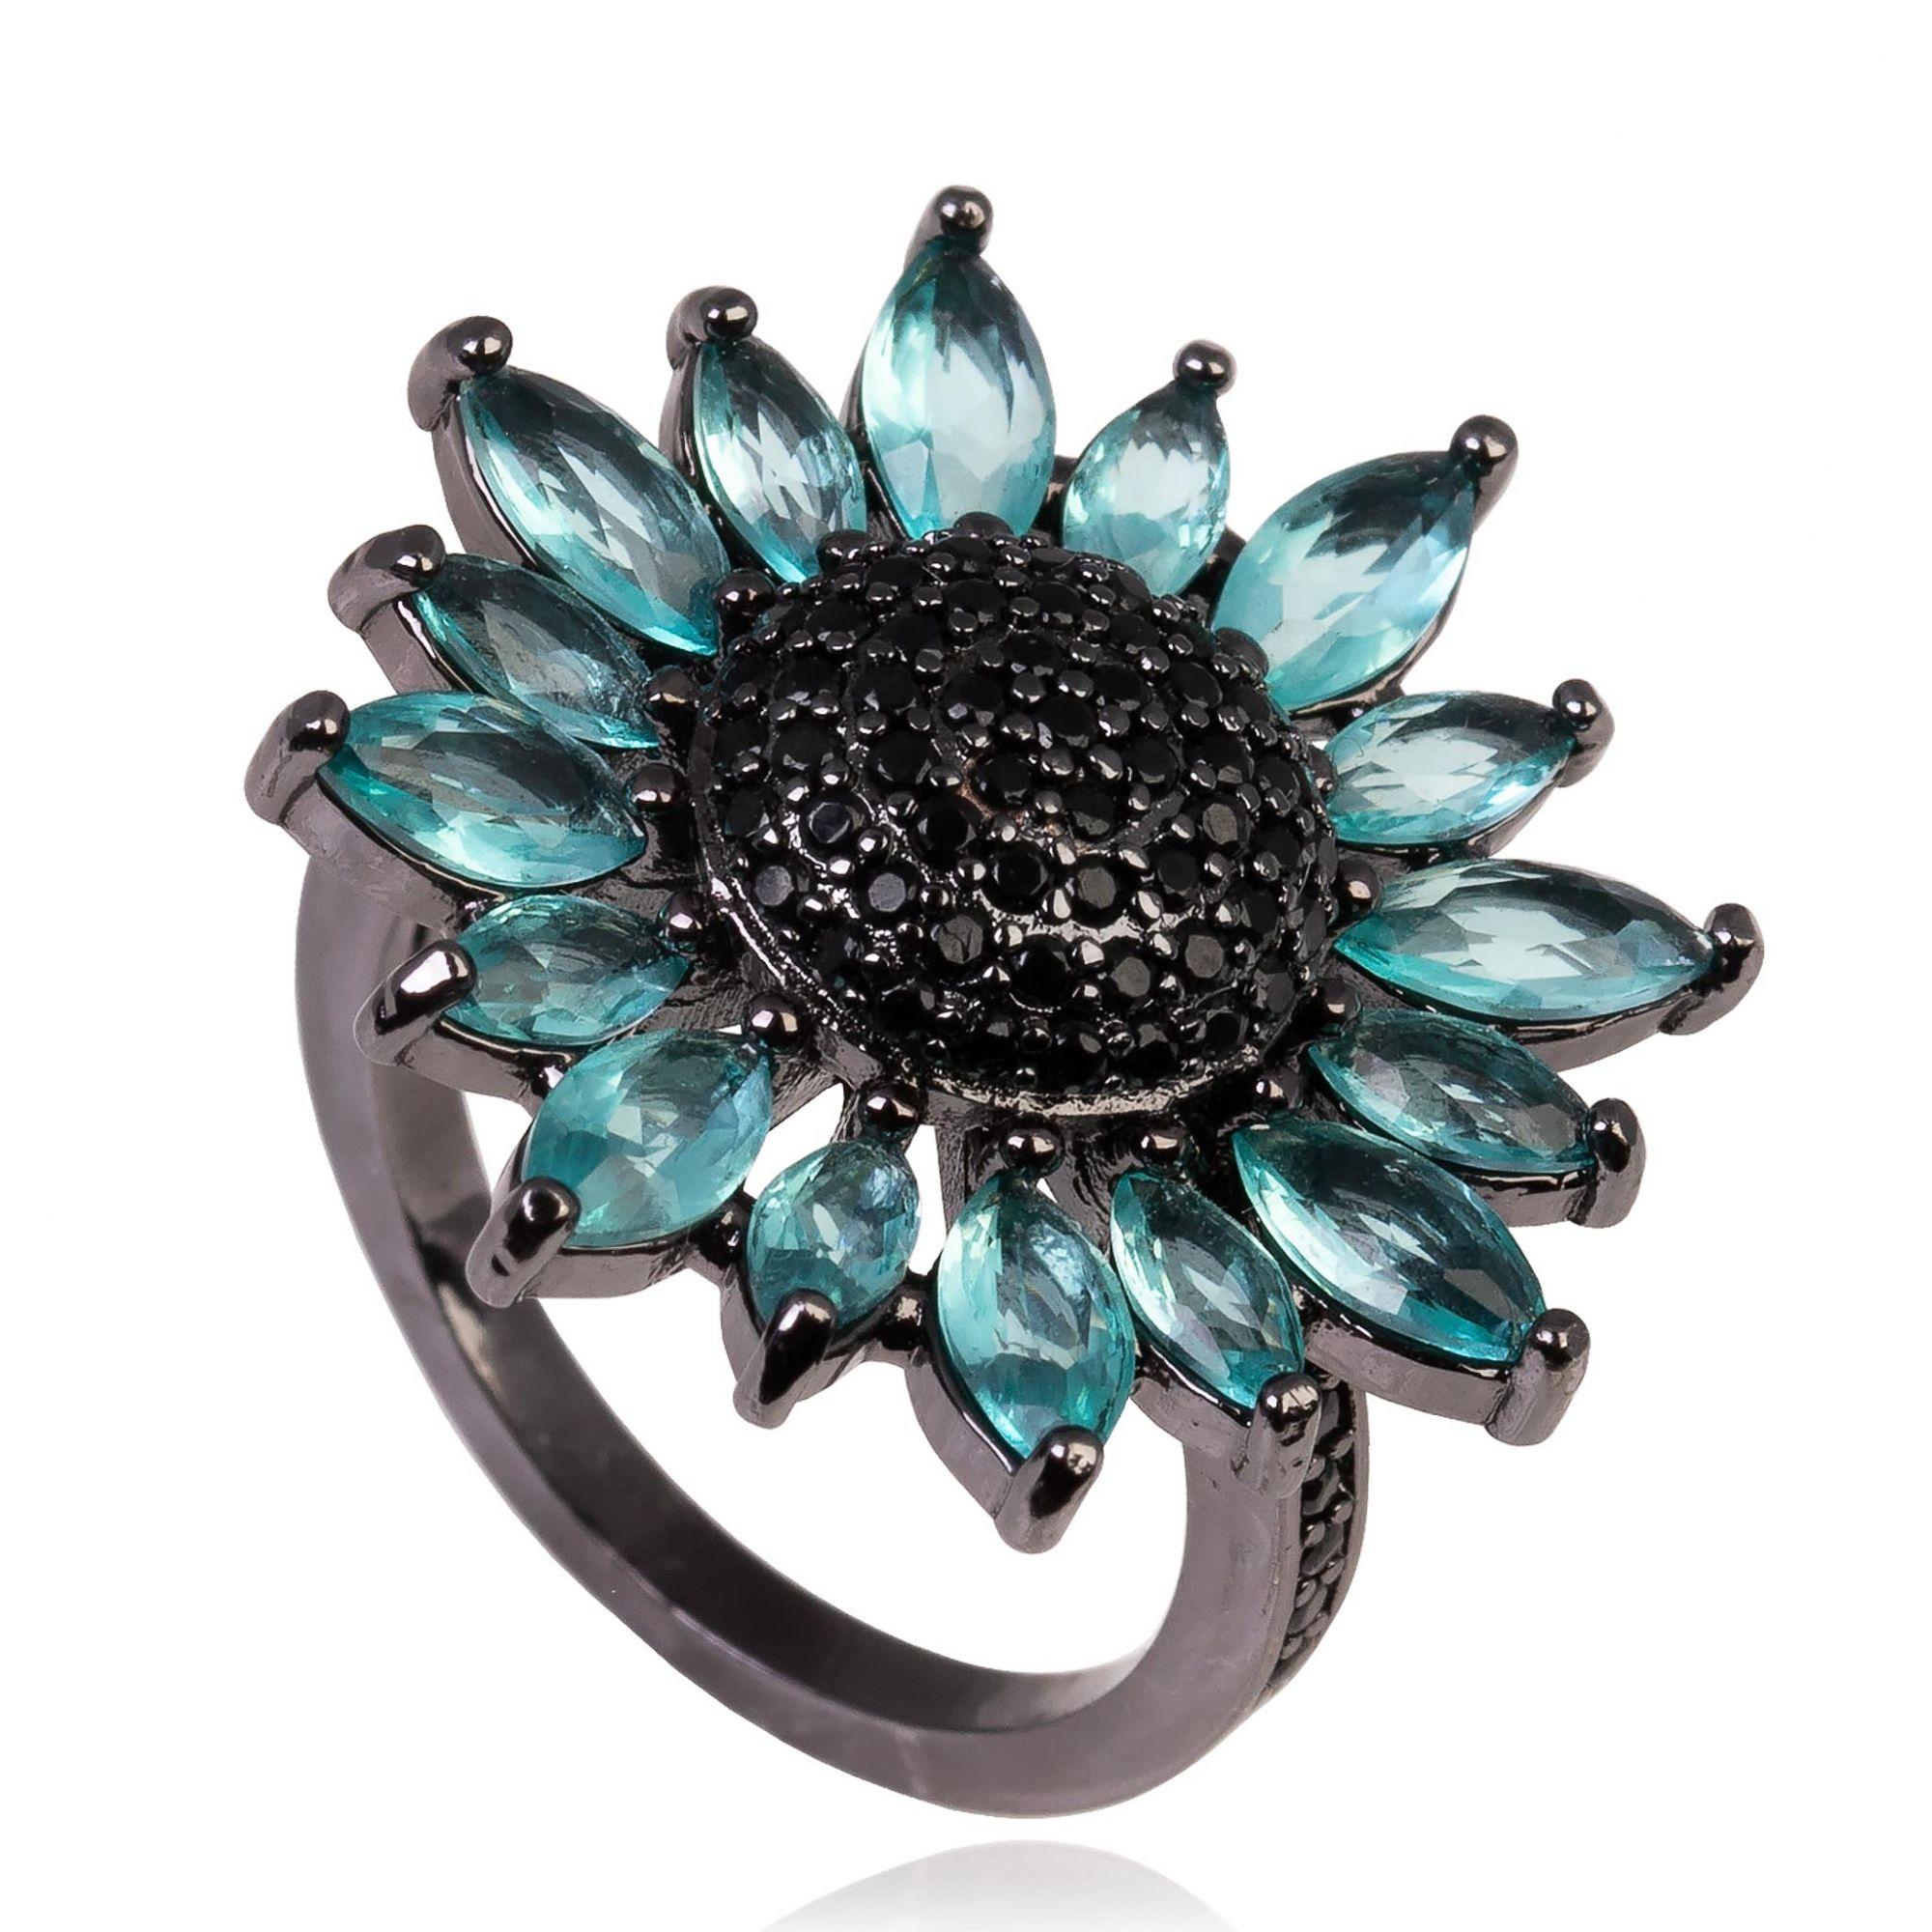 Anel de flor com micro zircônias negras e pétalas turmalina banho de grafite.  - bfdecor.com.br